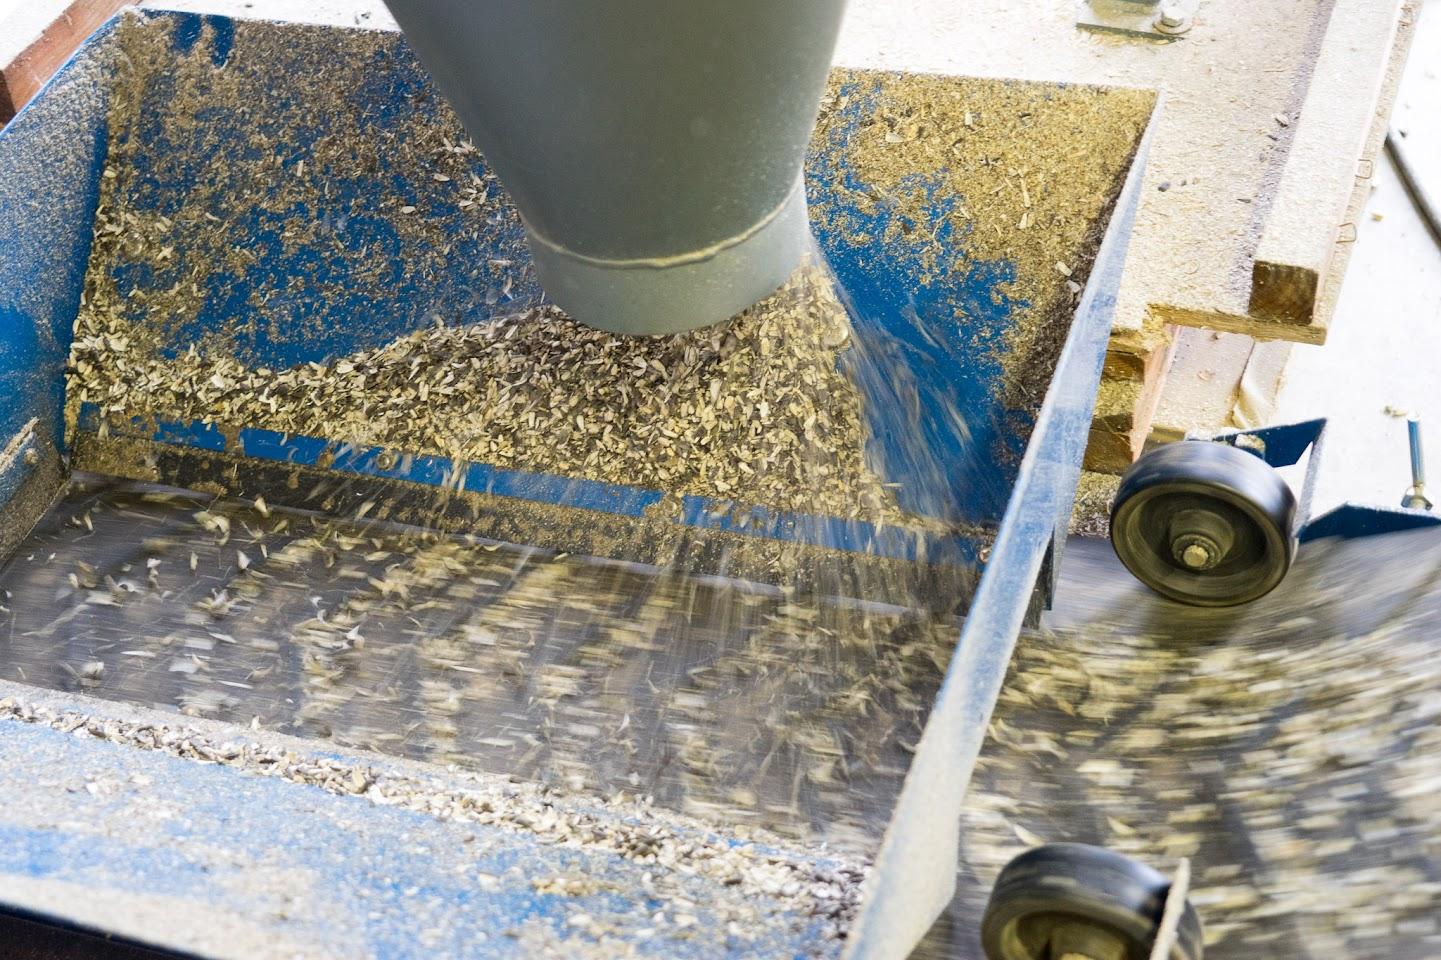 ナッツ用ひまわりの種の殻剥き作業